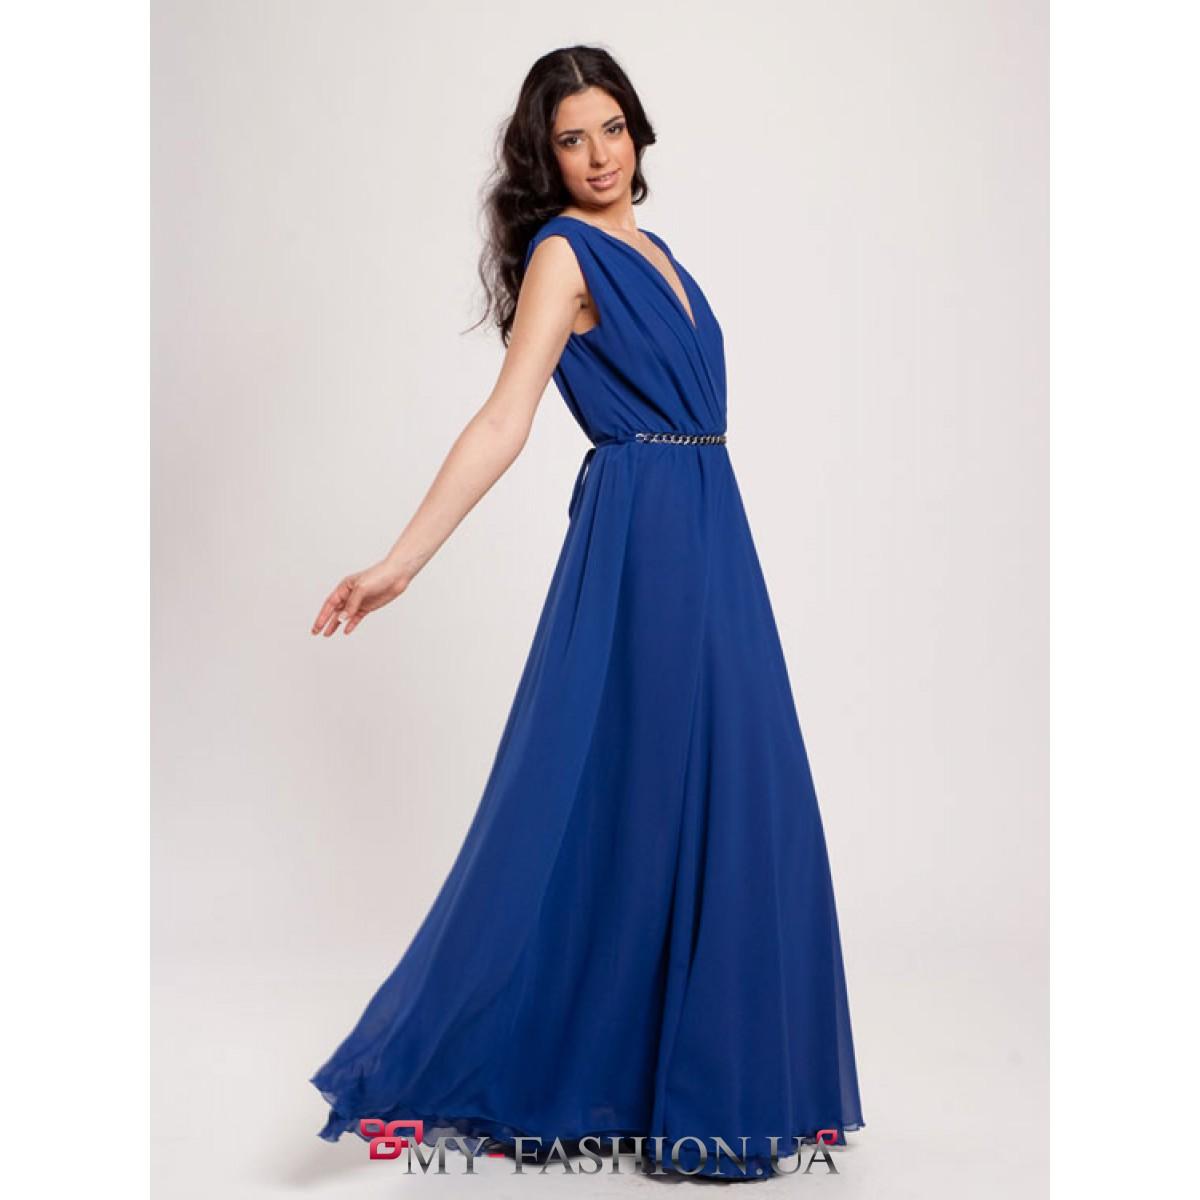 Купить платье сногсшибательное